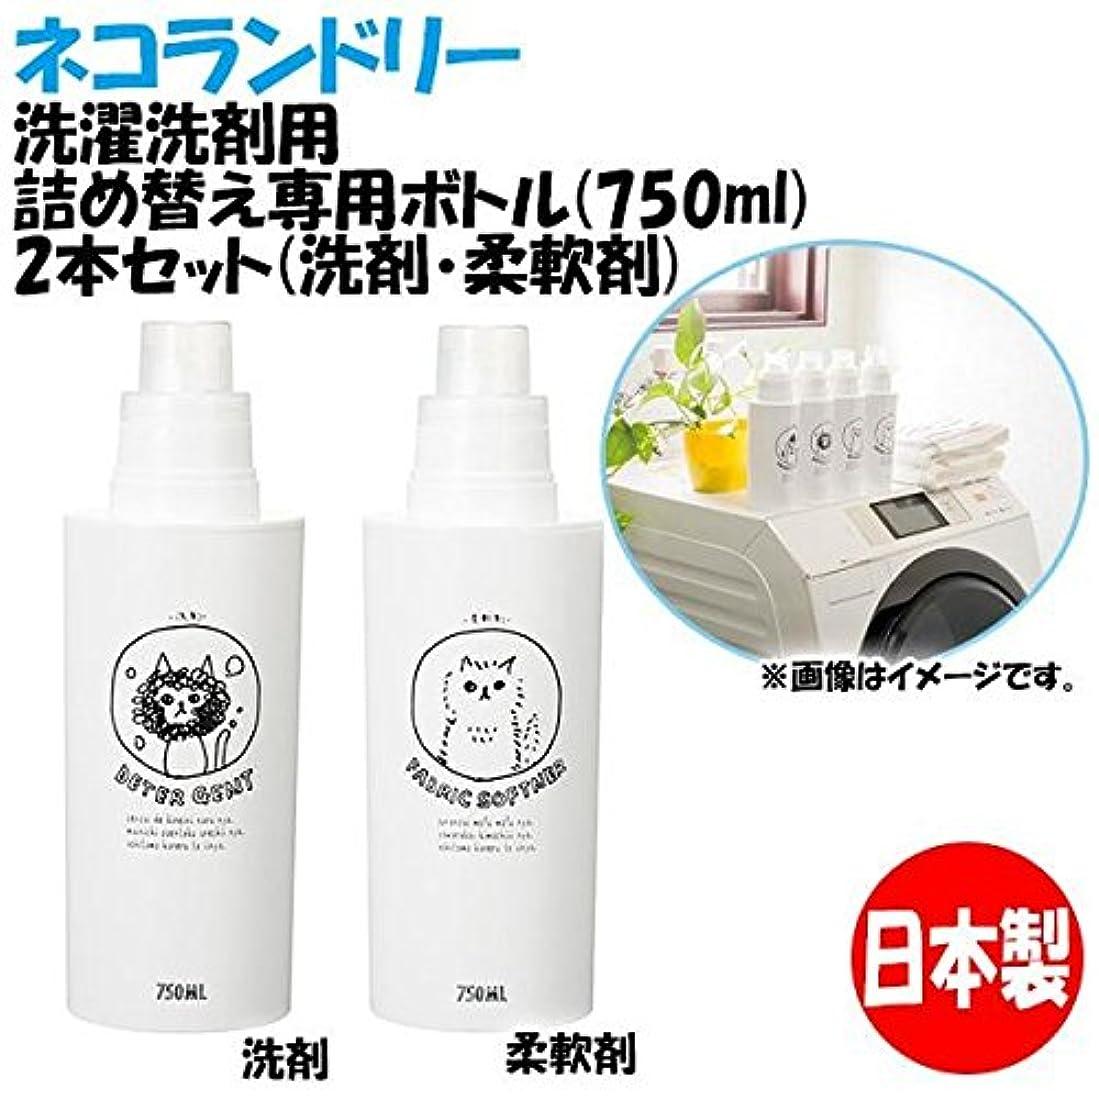 対抗感じ登山家日本製 ネコランドリー 洗濯洗剤用詰め替え専用ボトル(750ml) 2本セット(洗剤?柔軟剤)